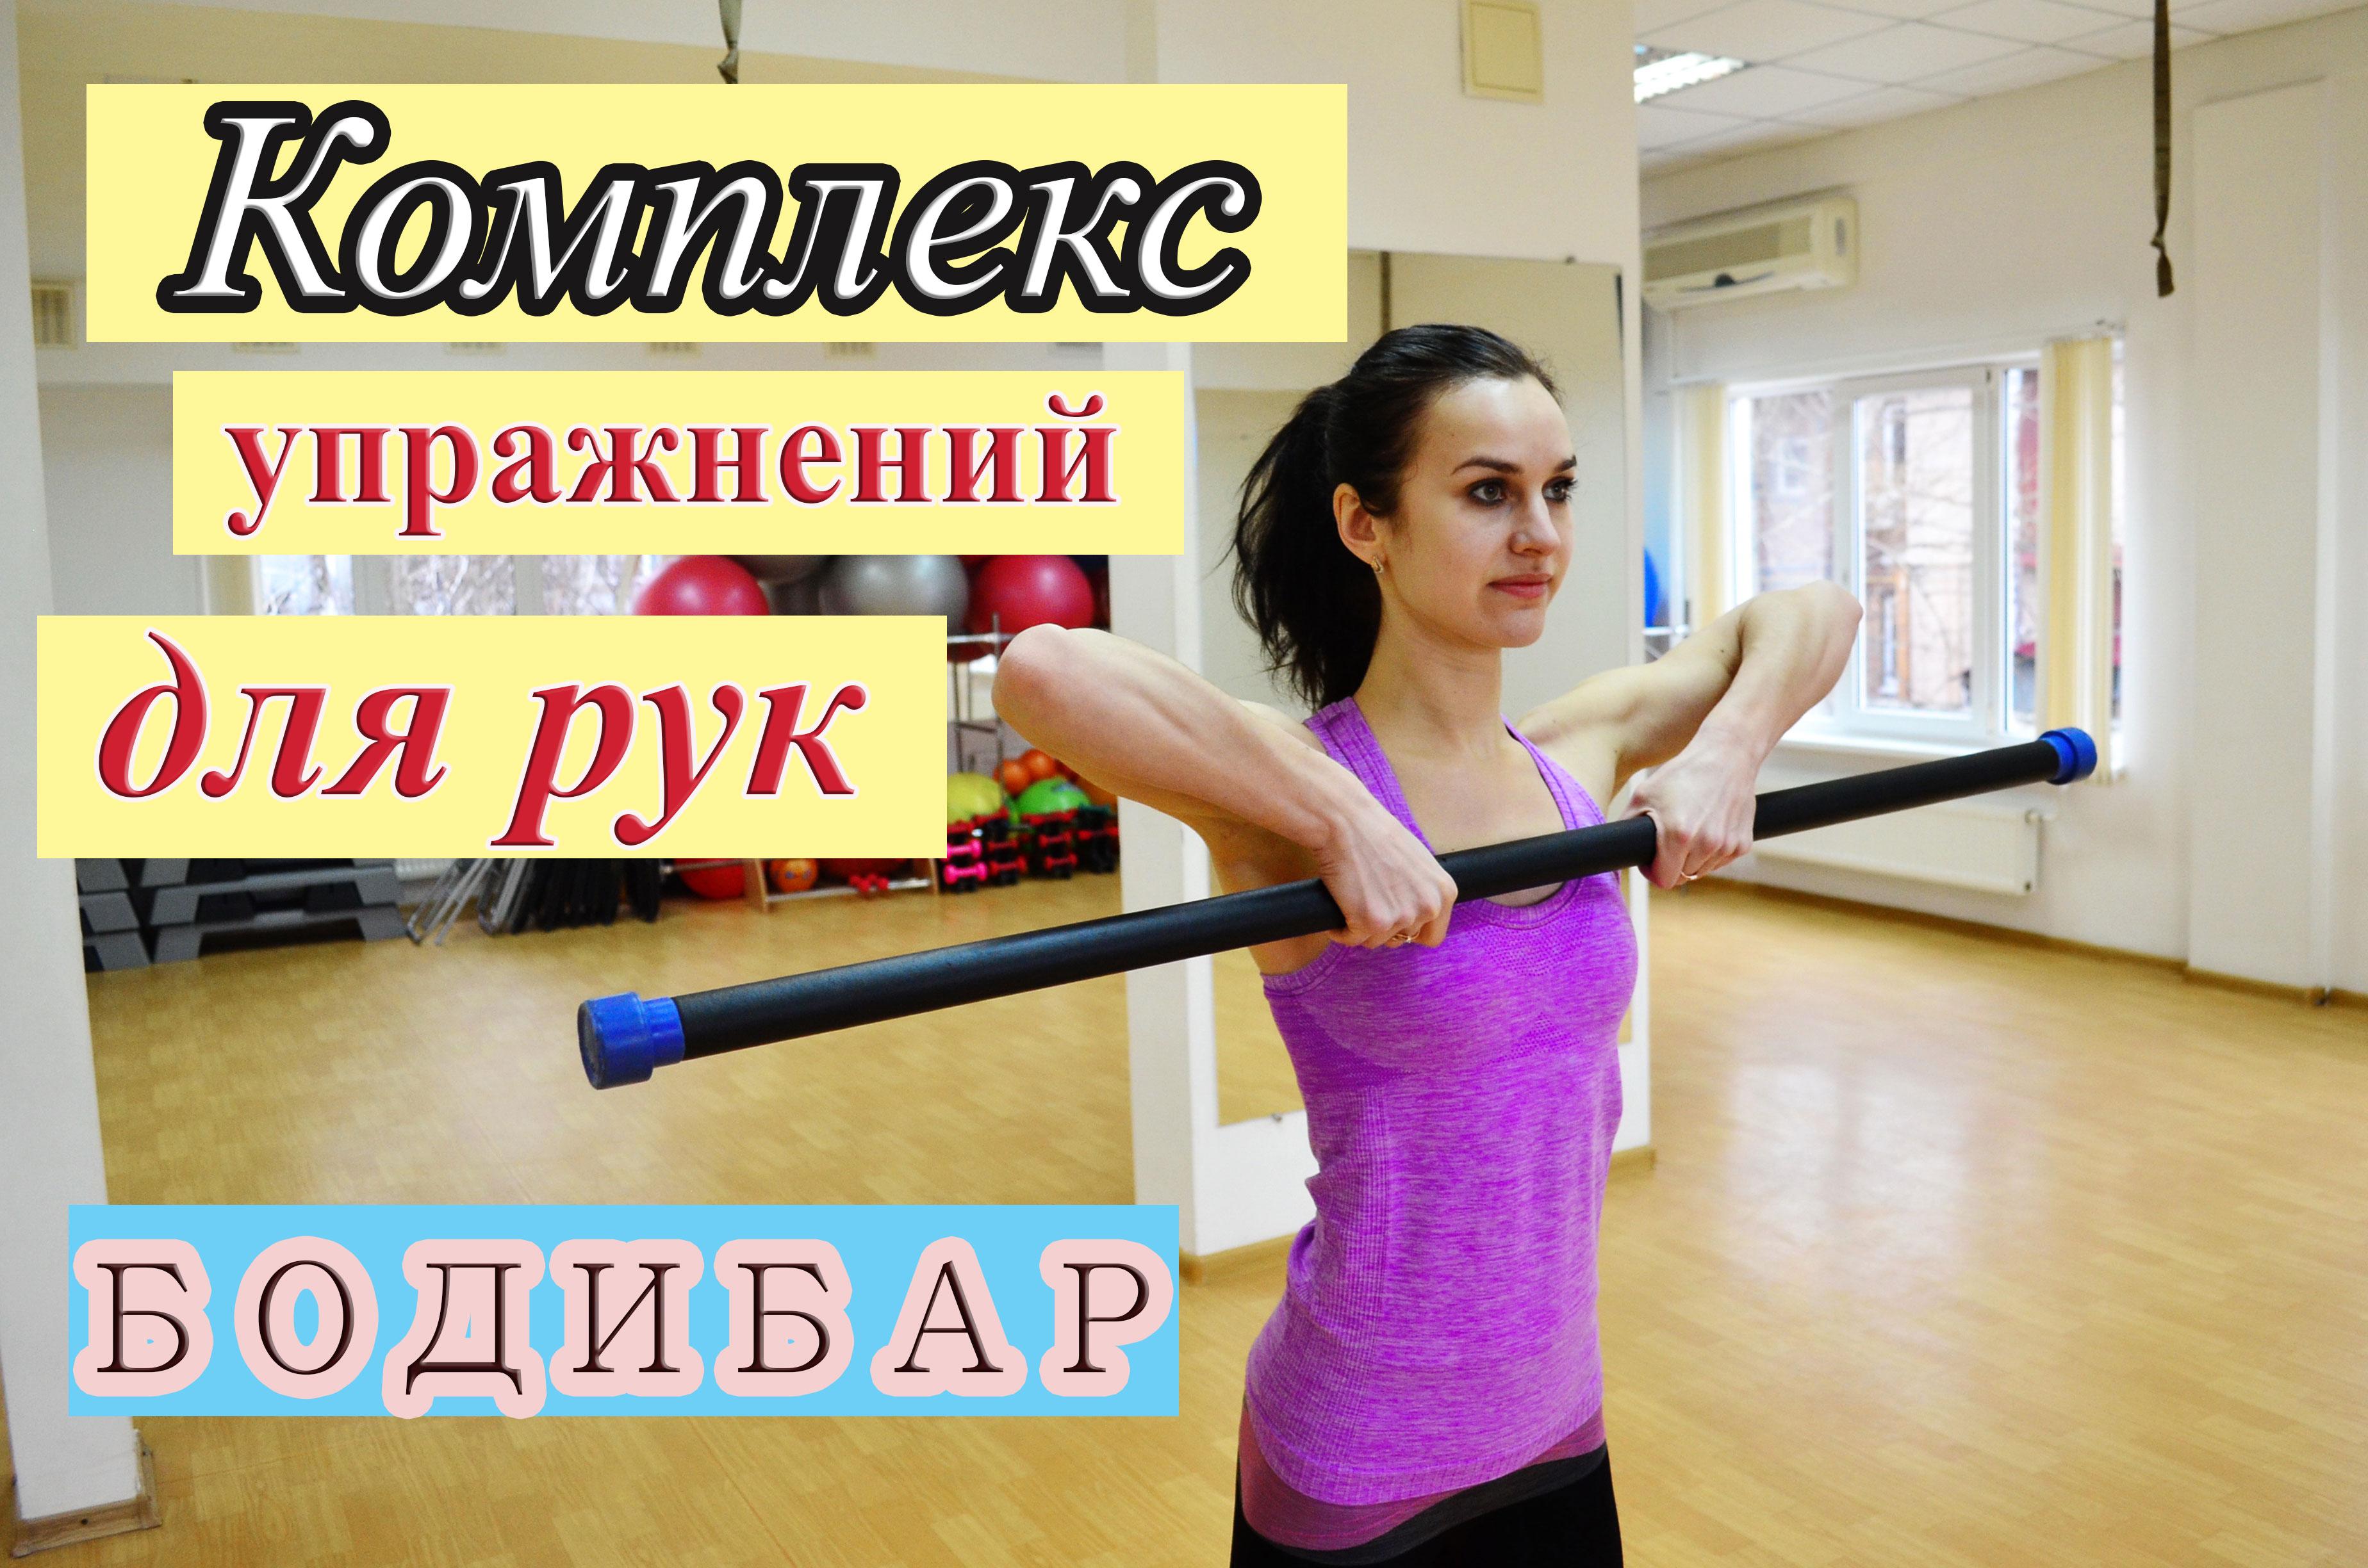 Комплекс упражнения для рук БОДИБАР